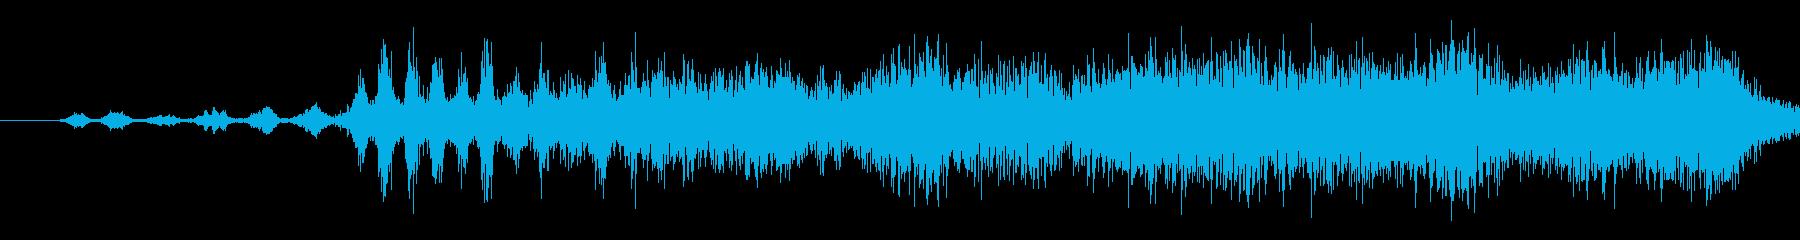 宇宙無線または通信ヘビーデジタル信...の再生済みの波形